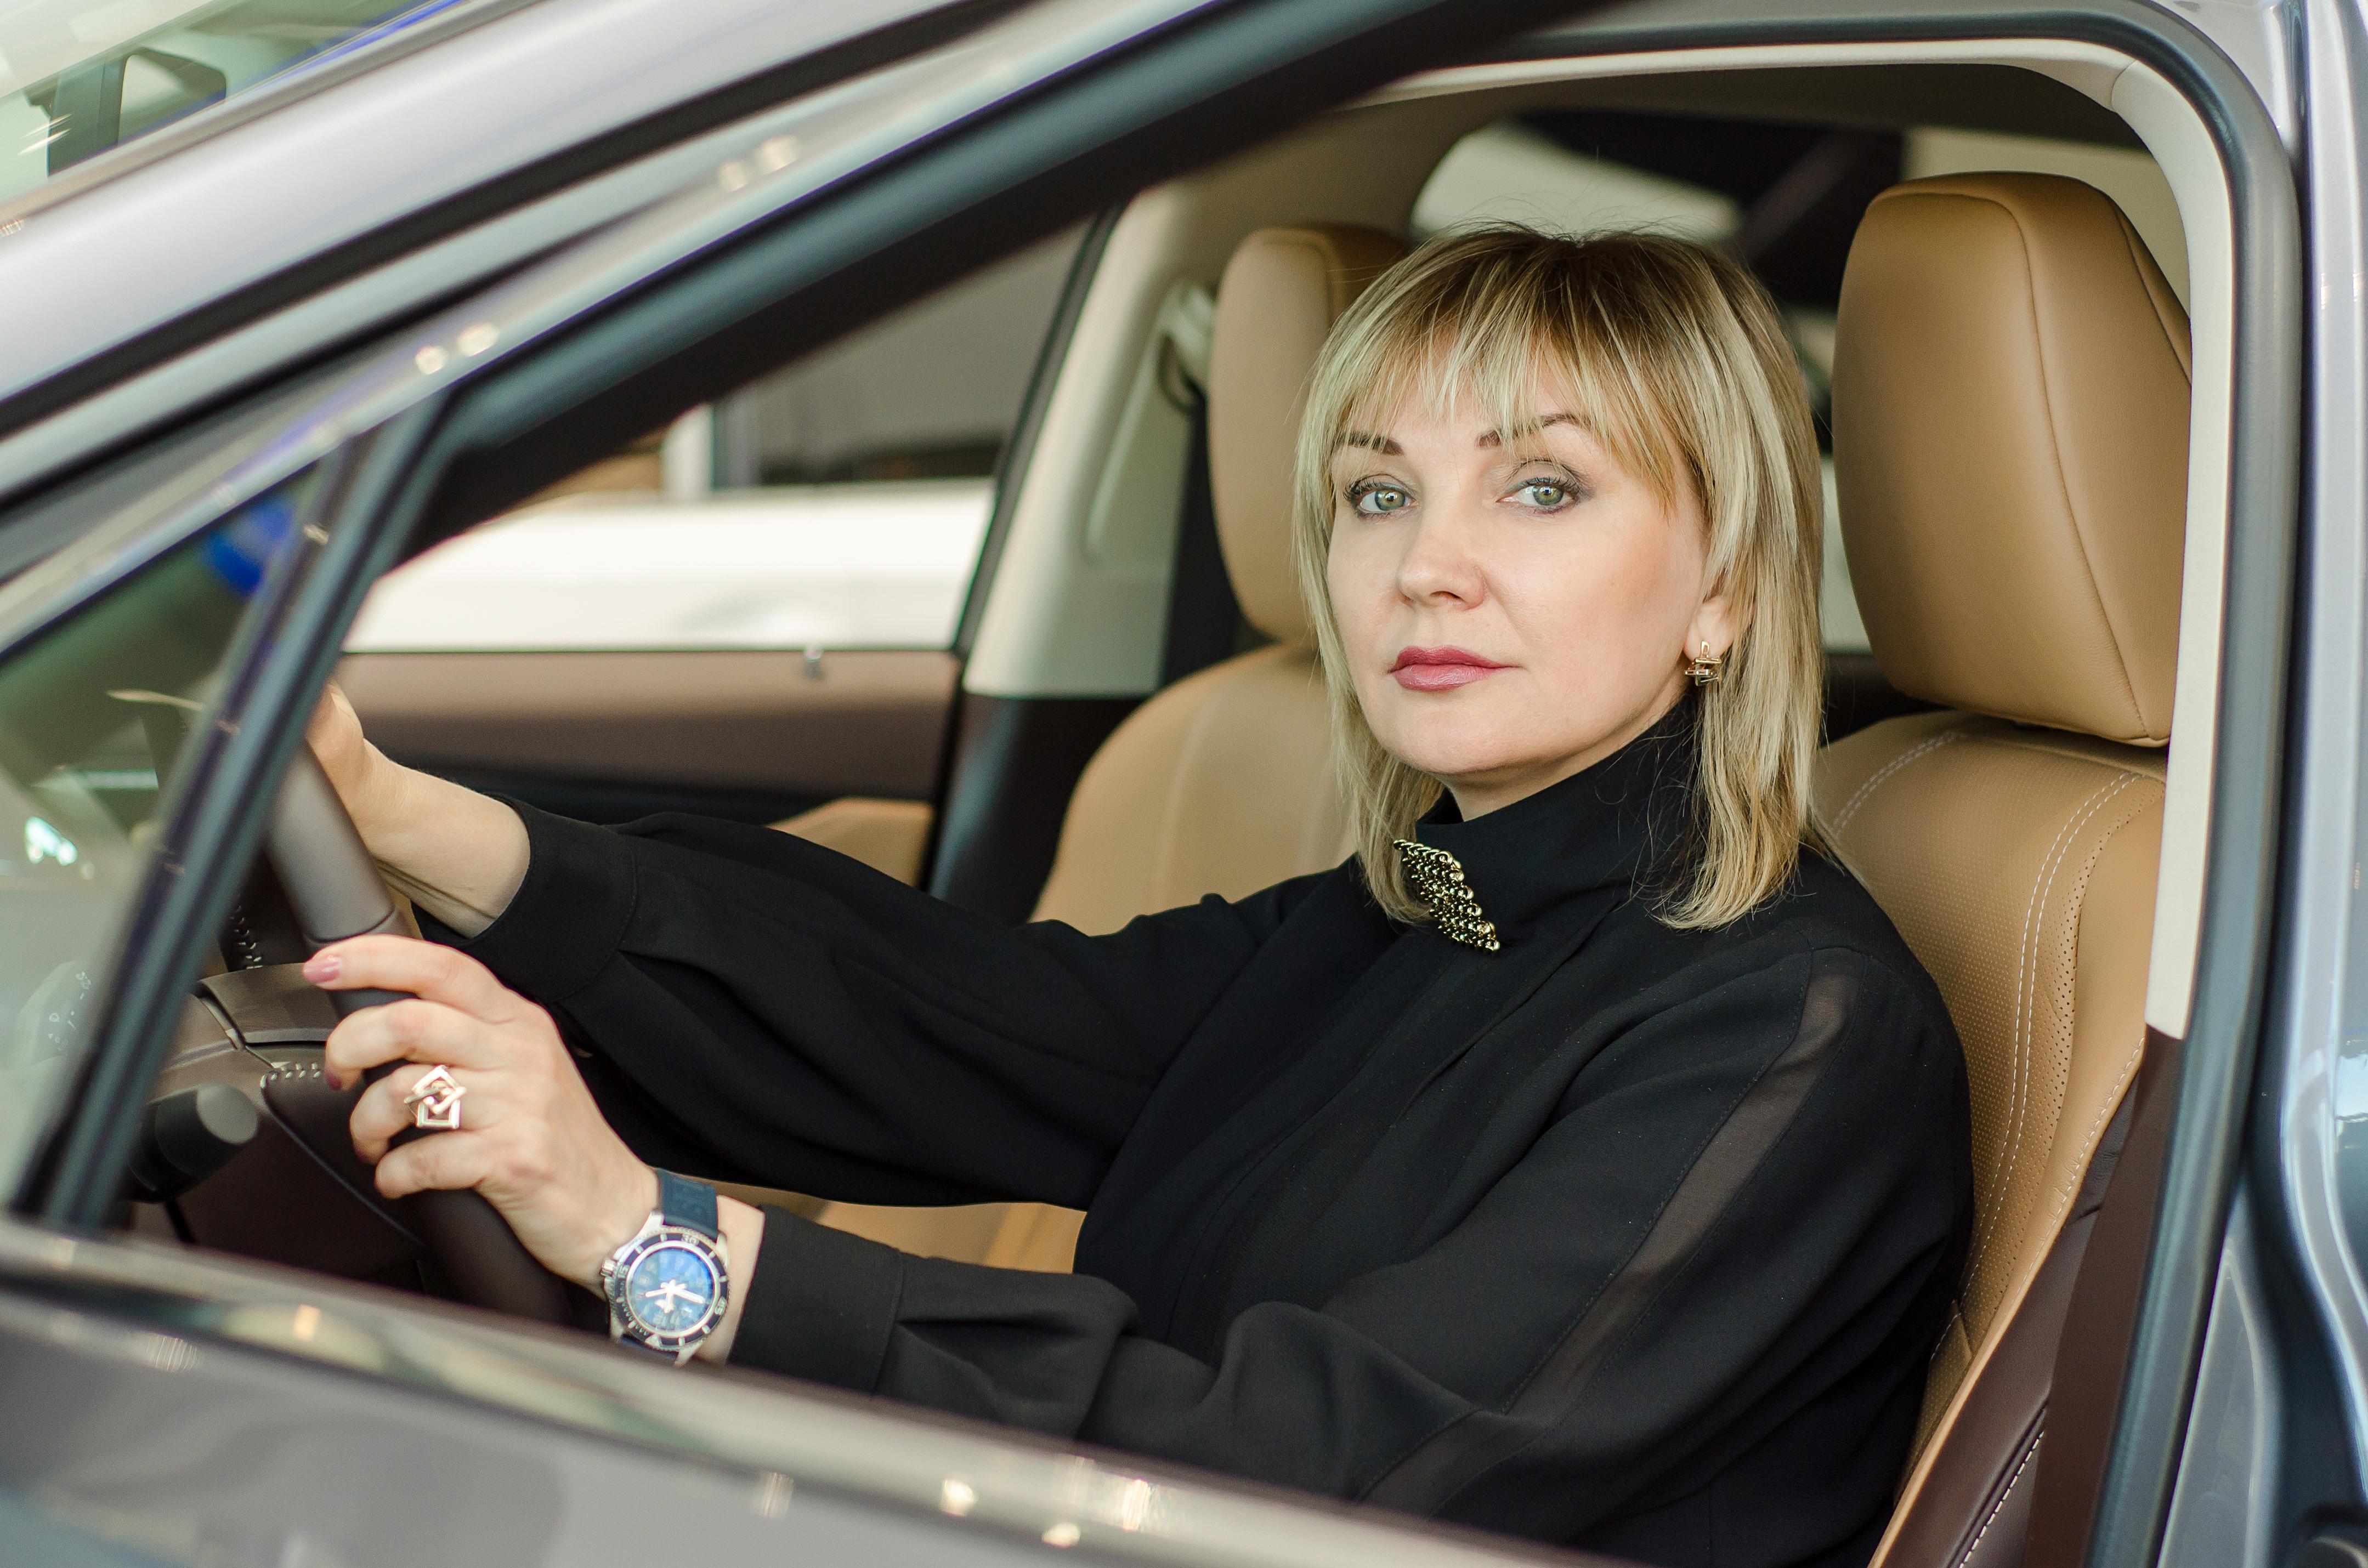 ЛЮКС LEXUS'А: главы дилерских центров  Lexus Алла Сушина и Андрей Мирошниченко о том, как корпоративная культура помогает продавать машины